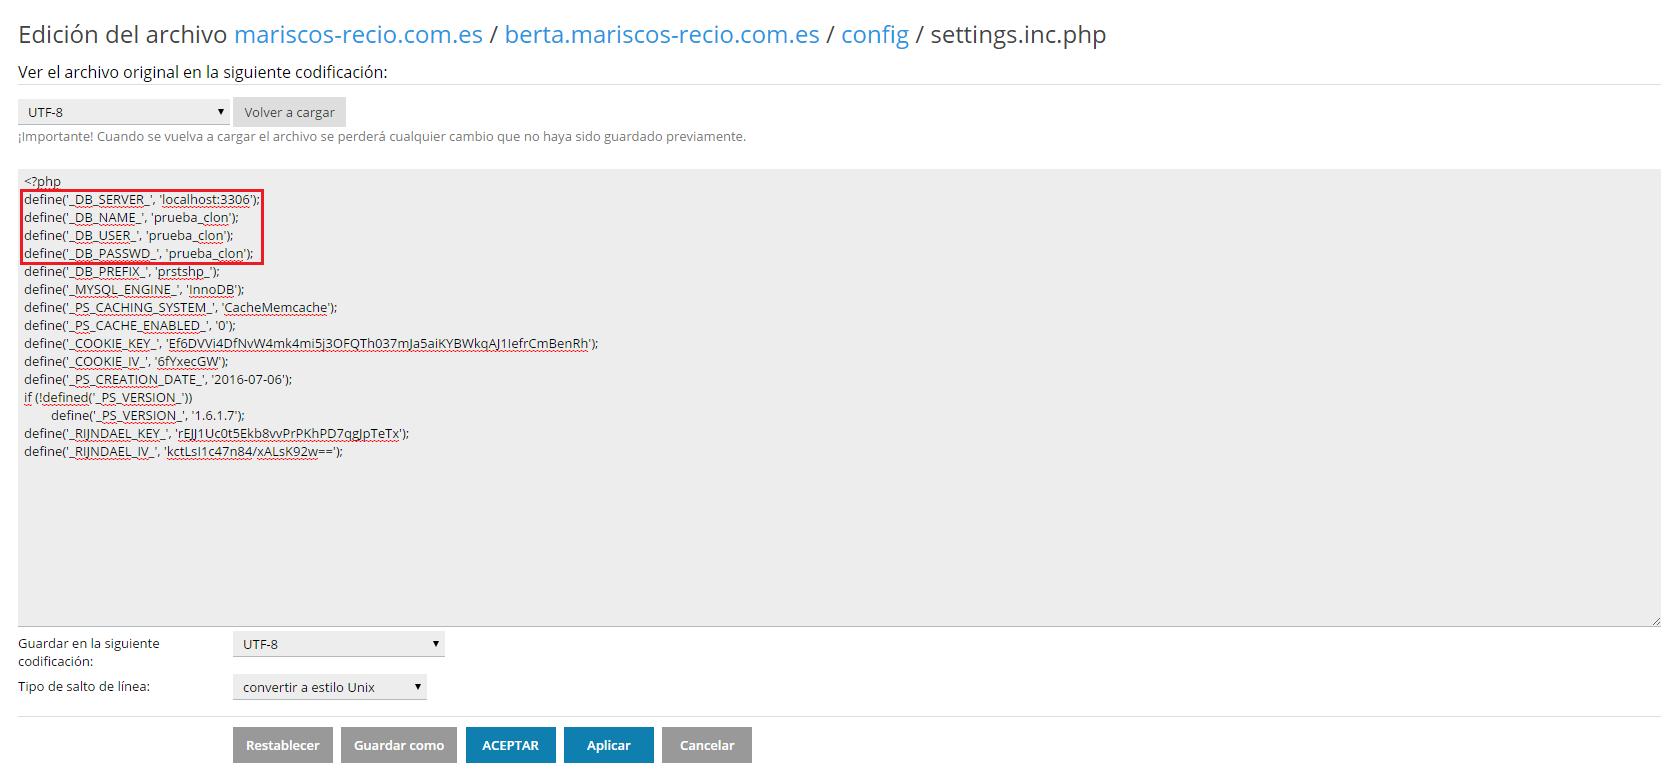 6-editar_settings